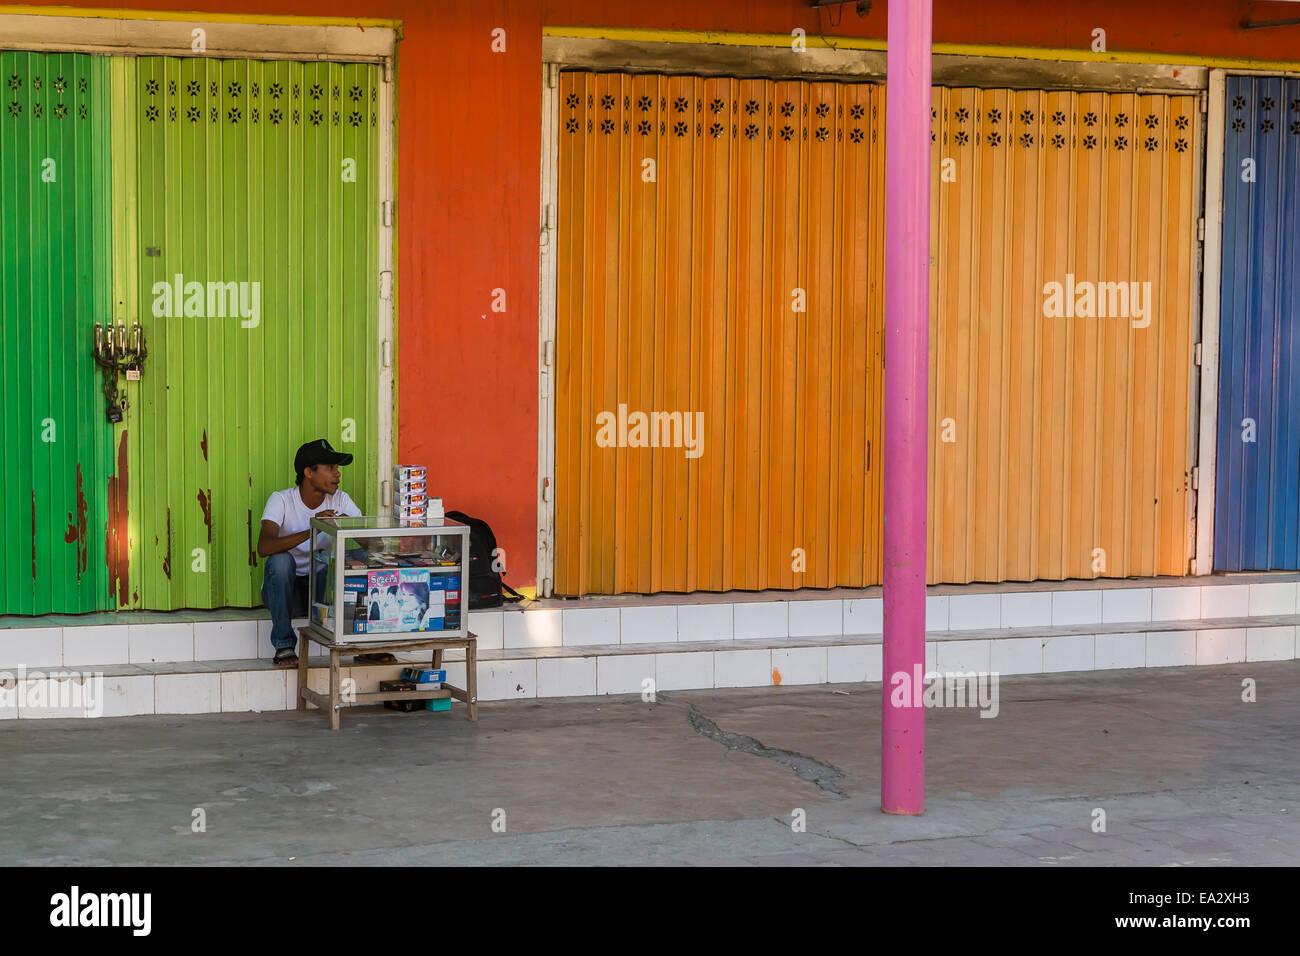 El hombre la venta electrónica de pequeñas compras en la capital, Dili, Timor Oriental, Sudeste Asiático, Asia Foto de stock